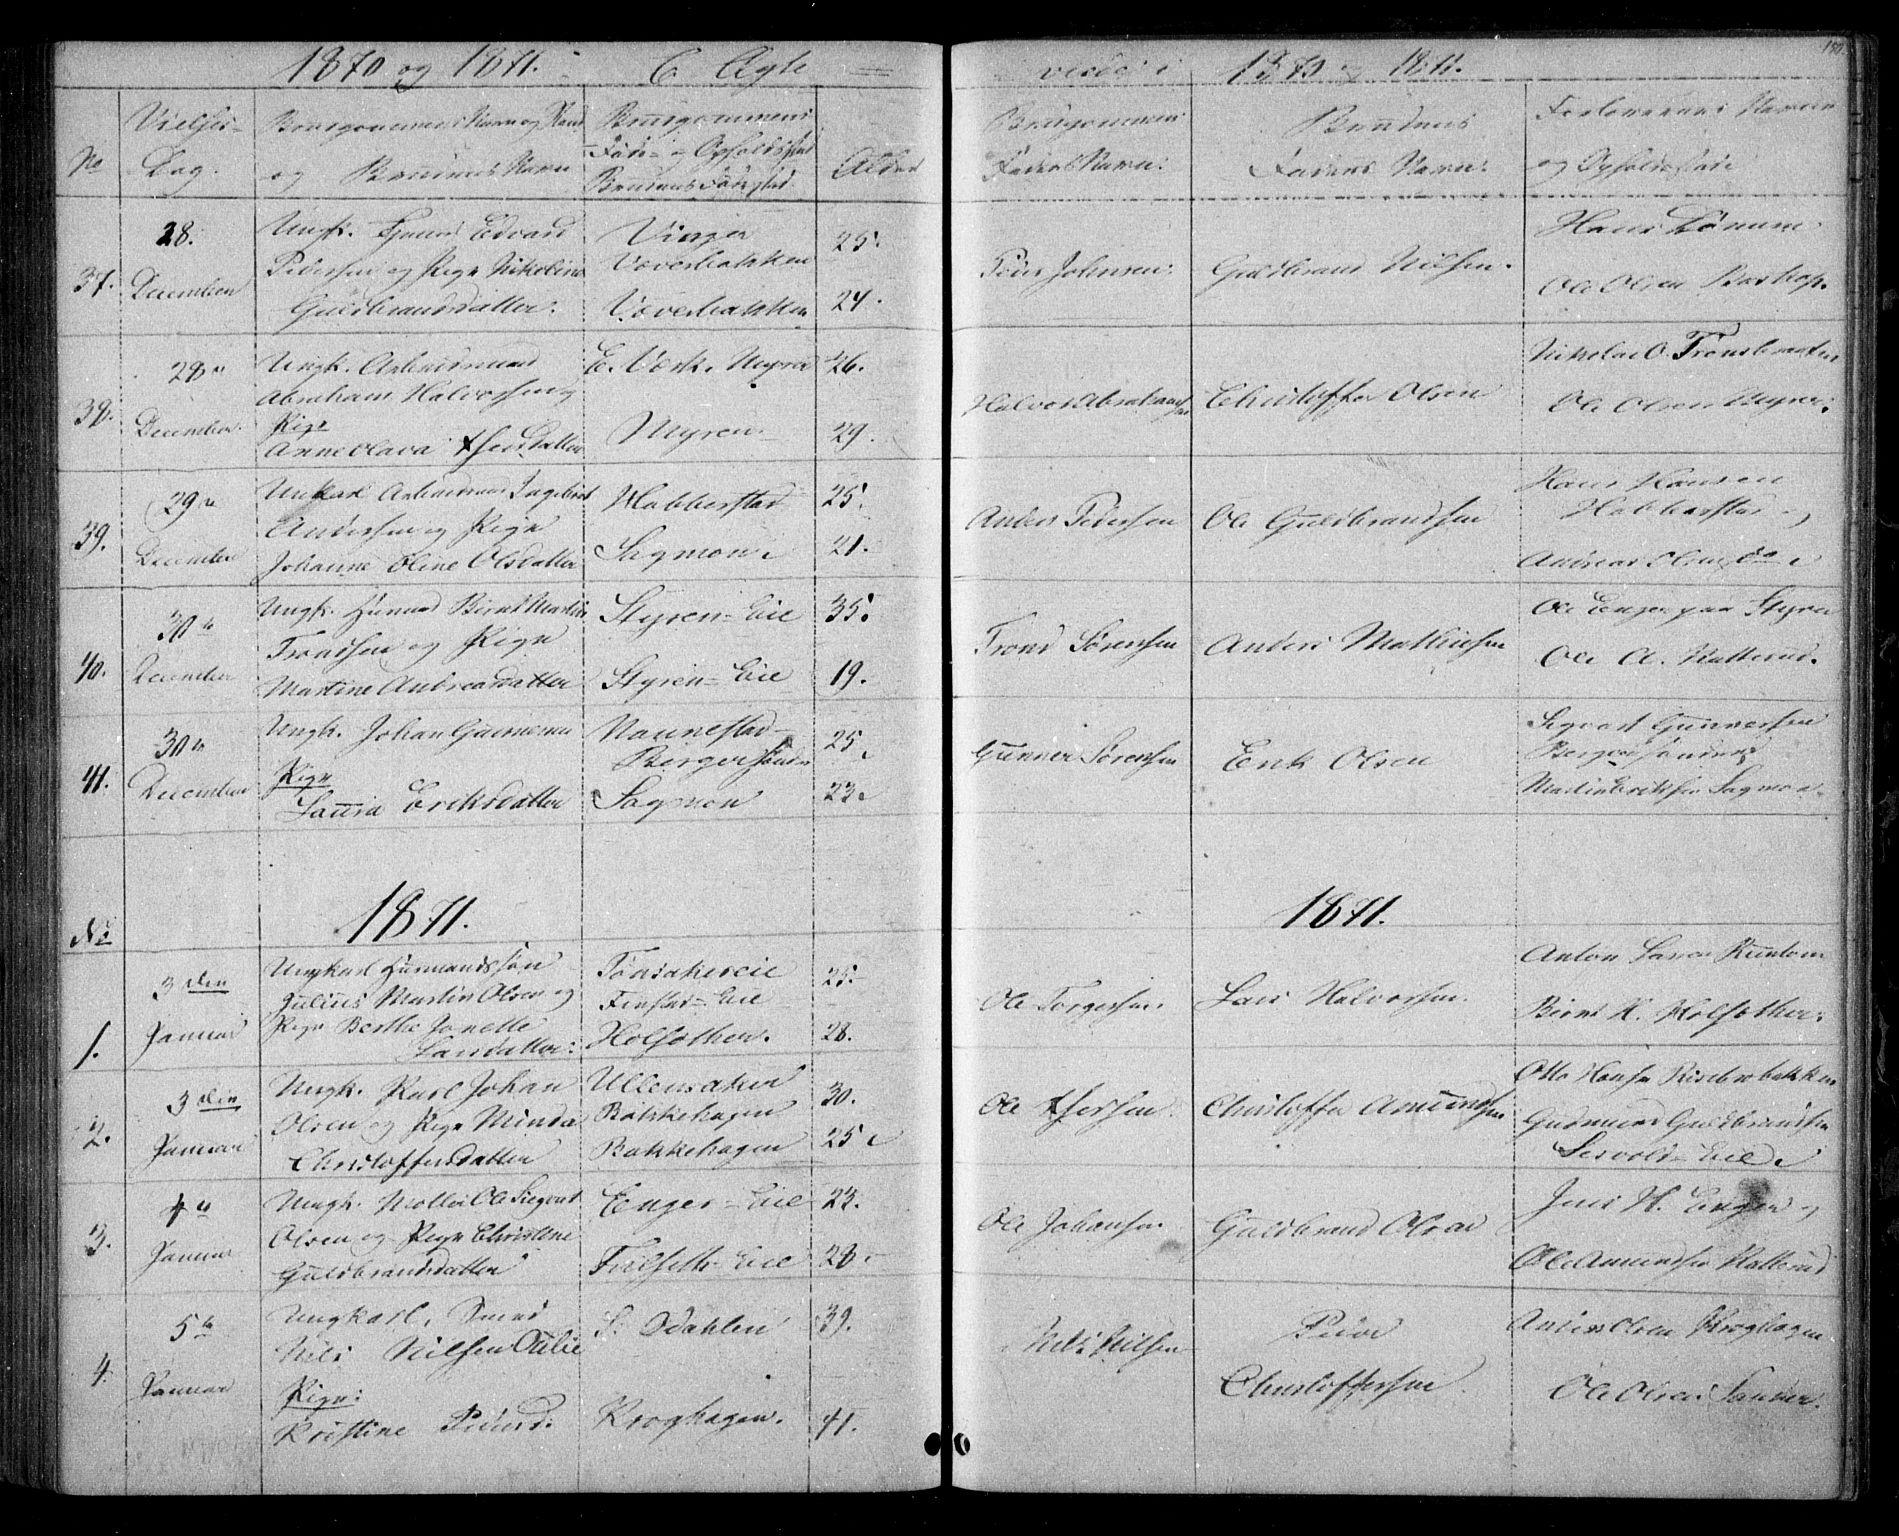 SAO, Eidsvoll prestekontor Kirkebøker, G/Ga/L0002: Klokkerbok nr. I 2, 1866-1871, s. 150